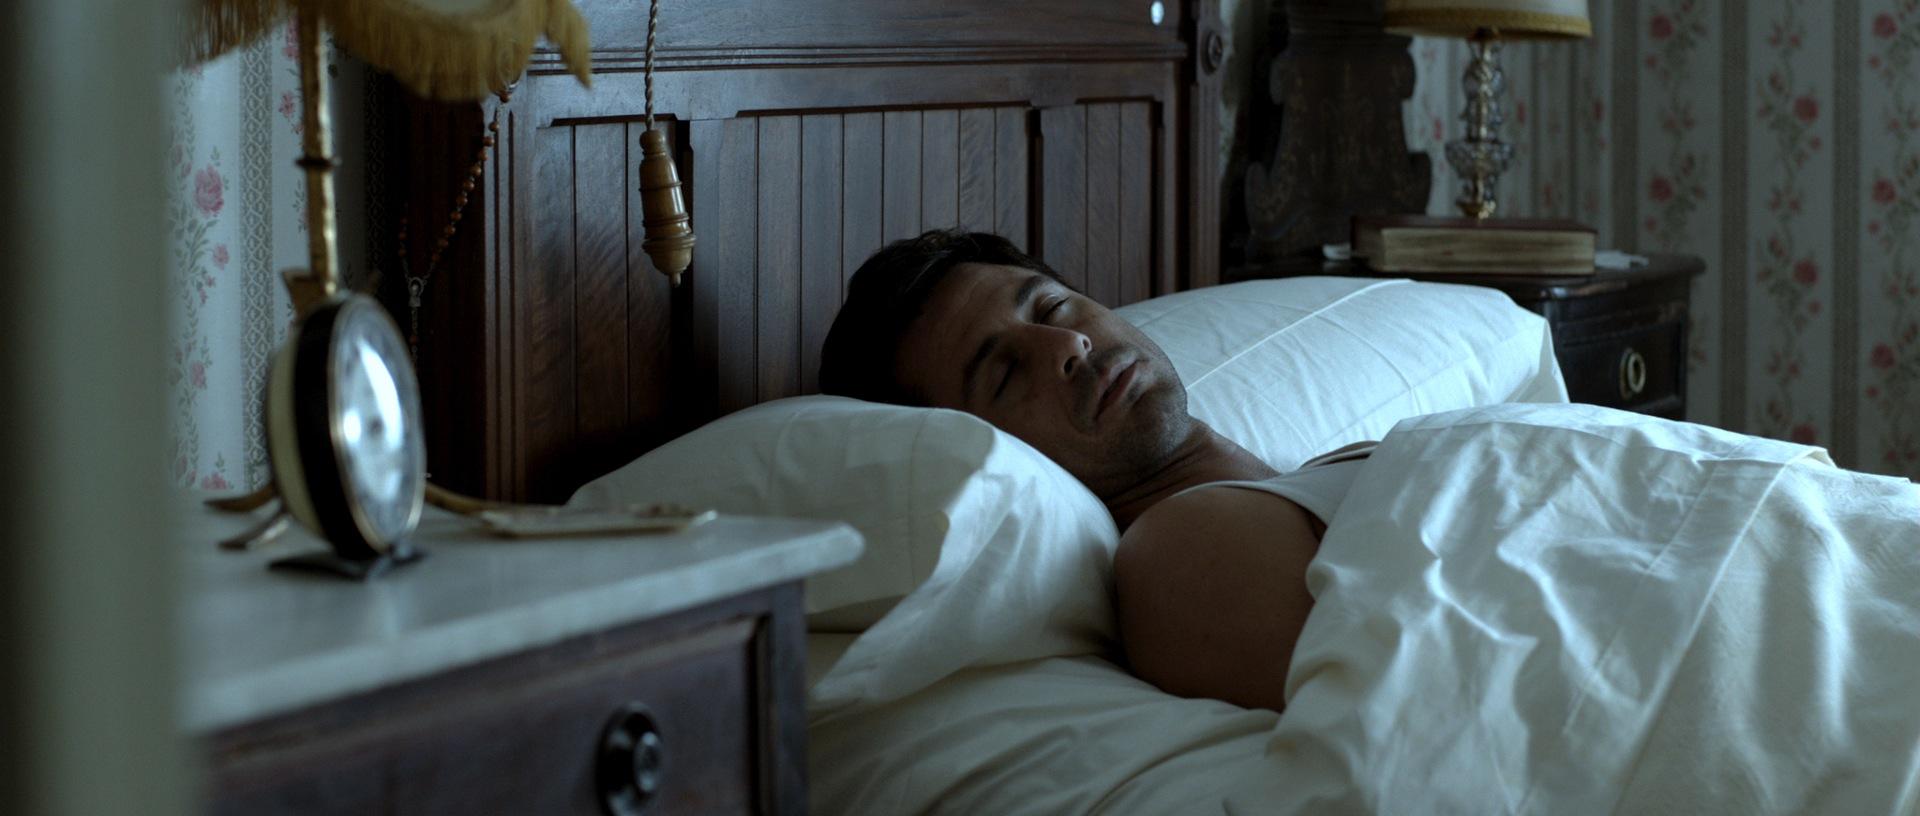 Carlos liegt den größten Teil des Films einfach nur herum (Foto: OFDB Filmworks)